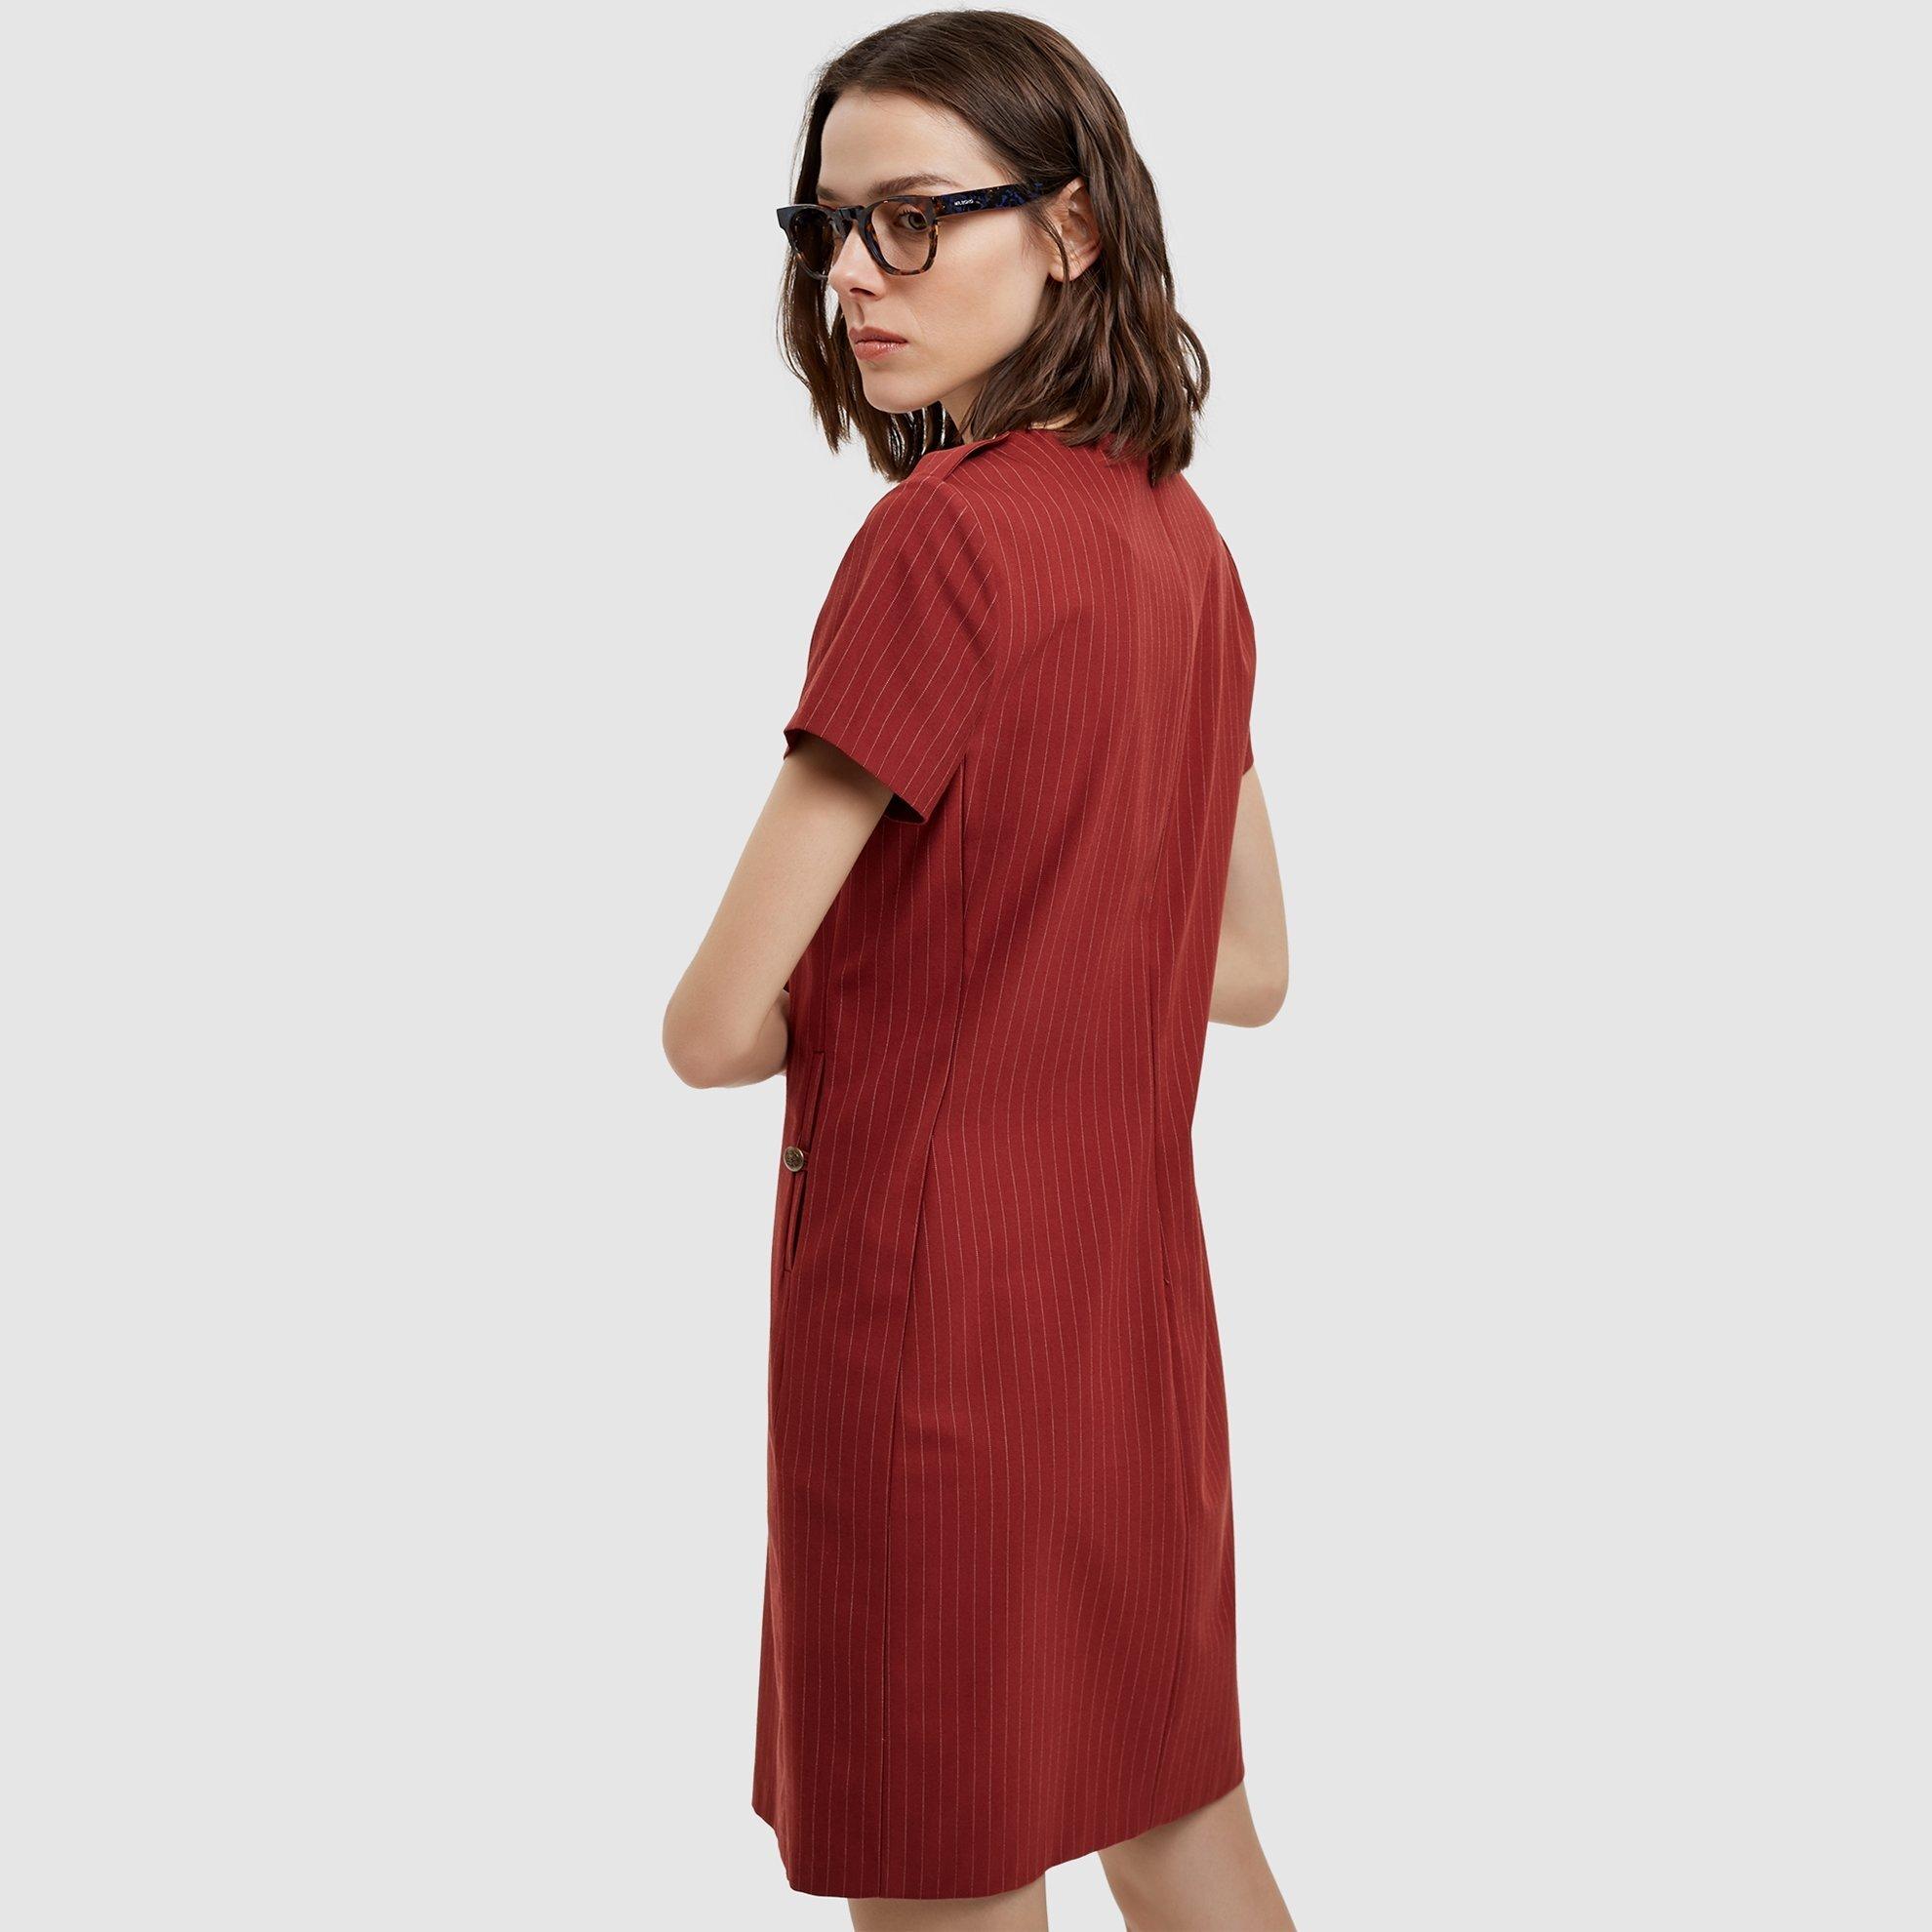 resm Düğme Detaylı Elbise